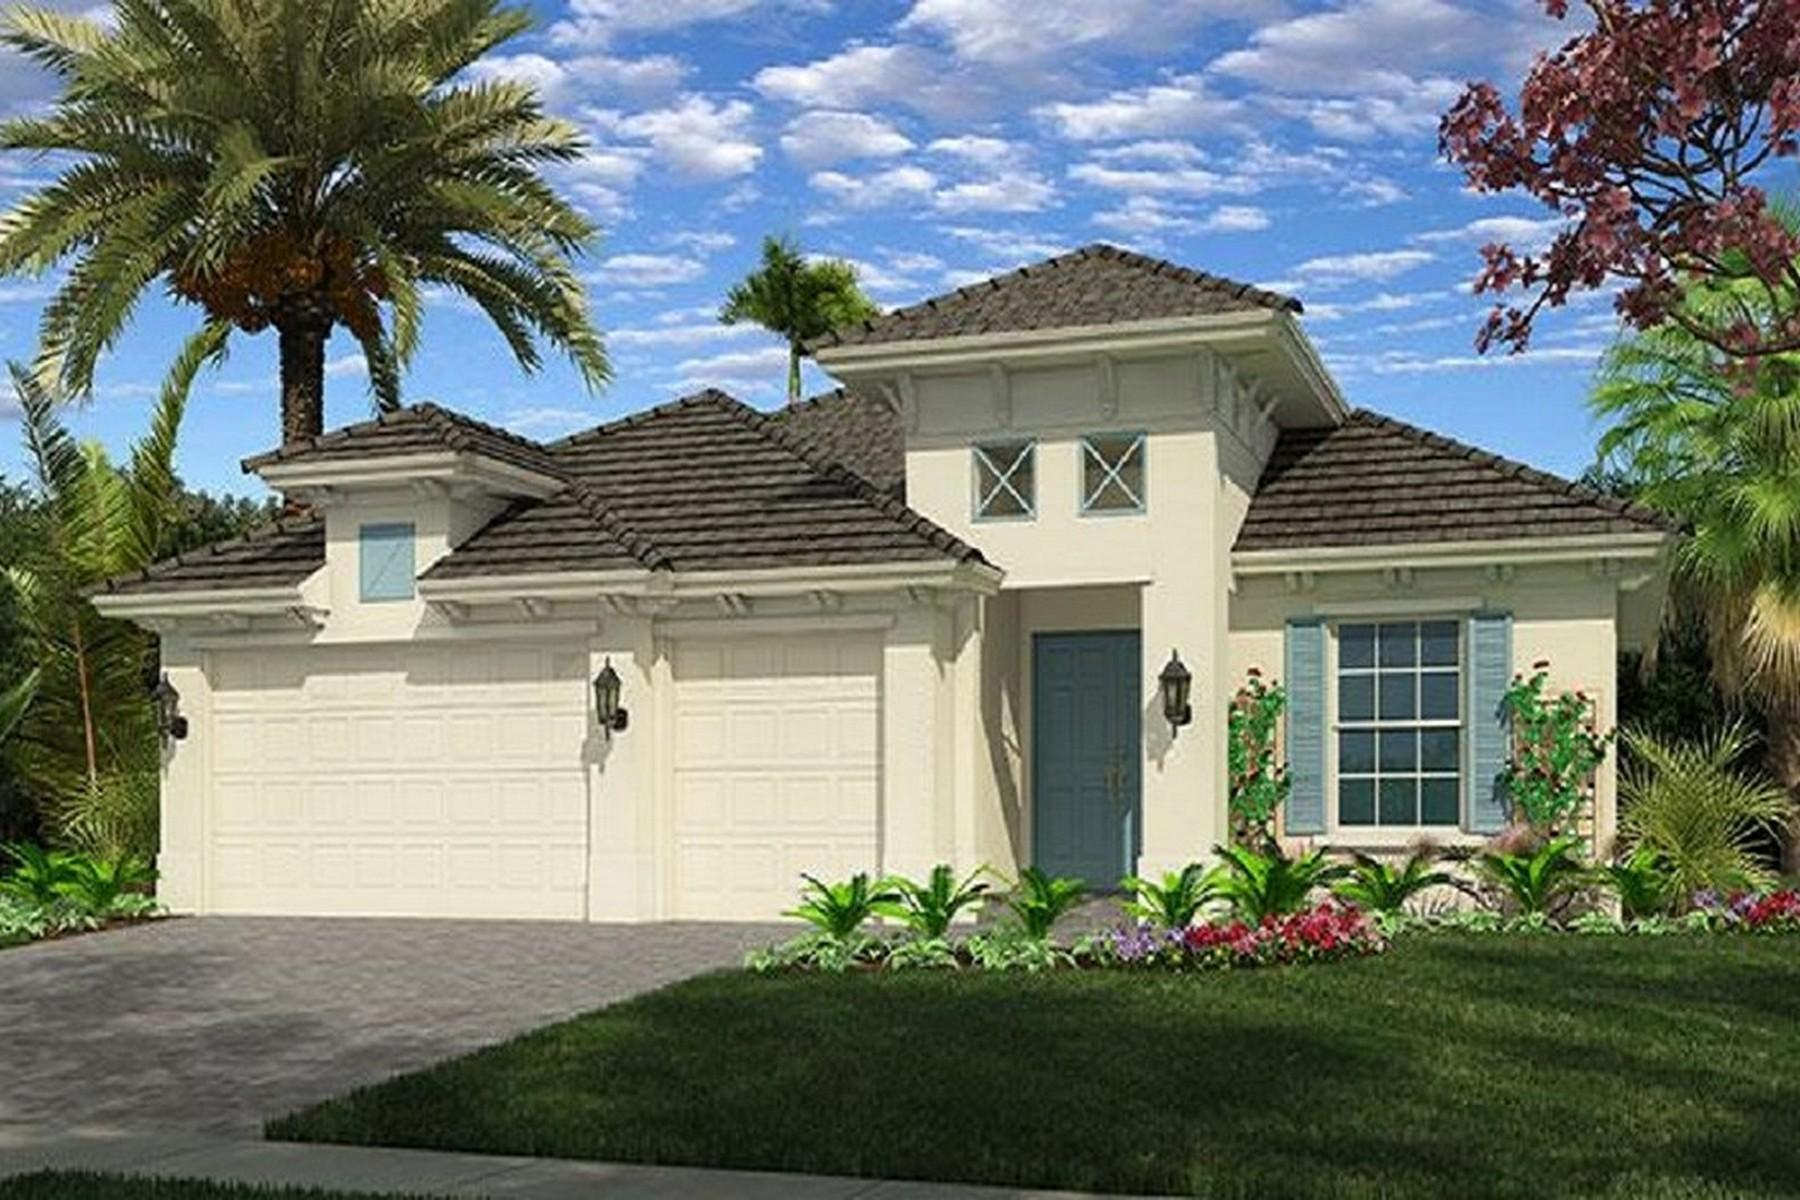 Casa para uma família para Venda às Entertainers Dream! 1454 Lily's Cay Circle Vero Beach, Florida, 32967 Estados Unidos